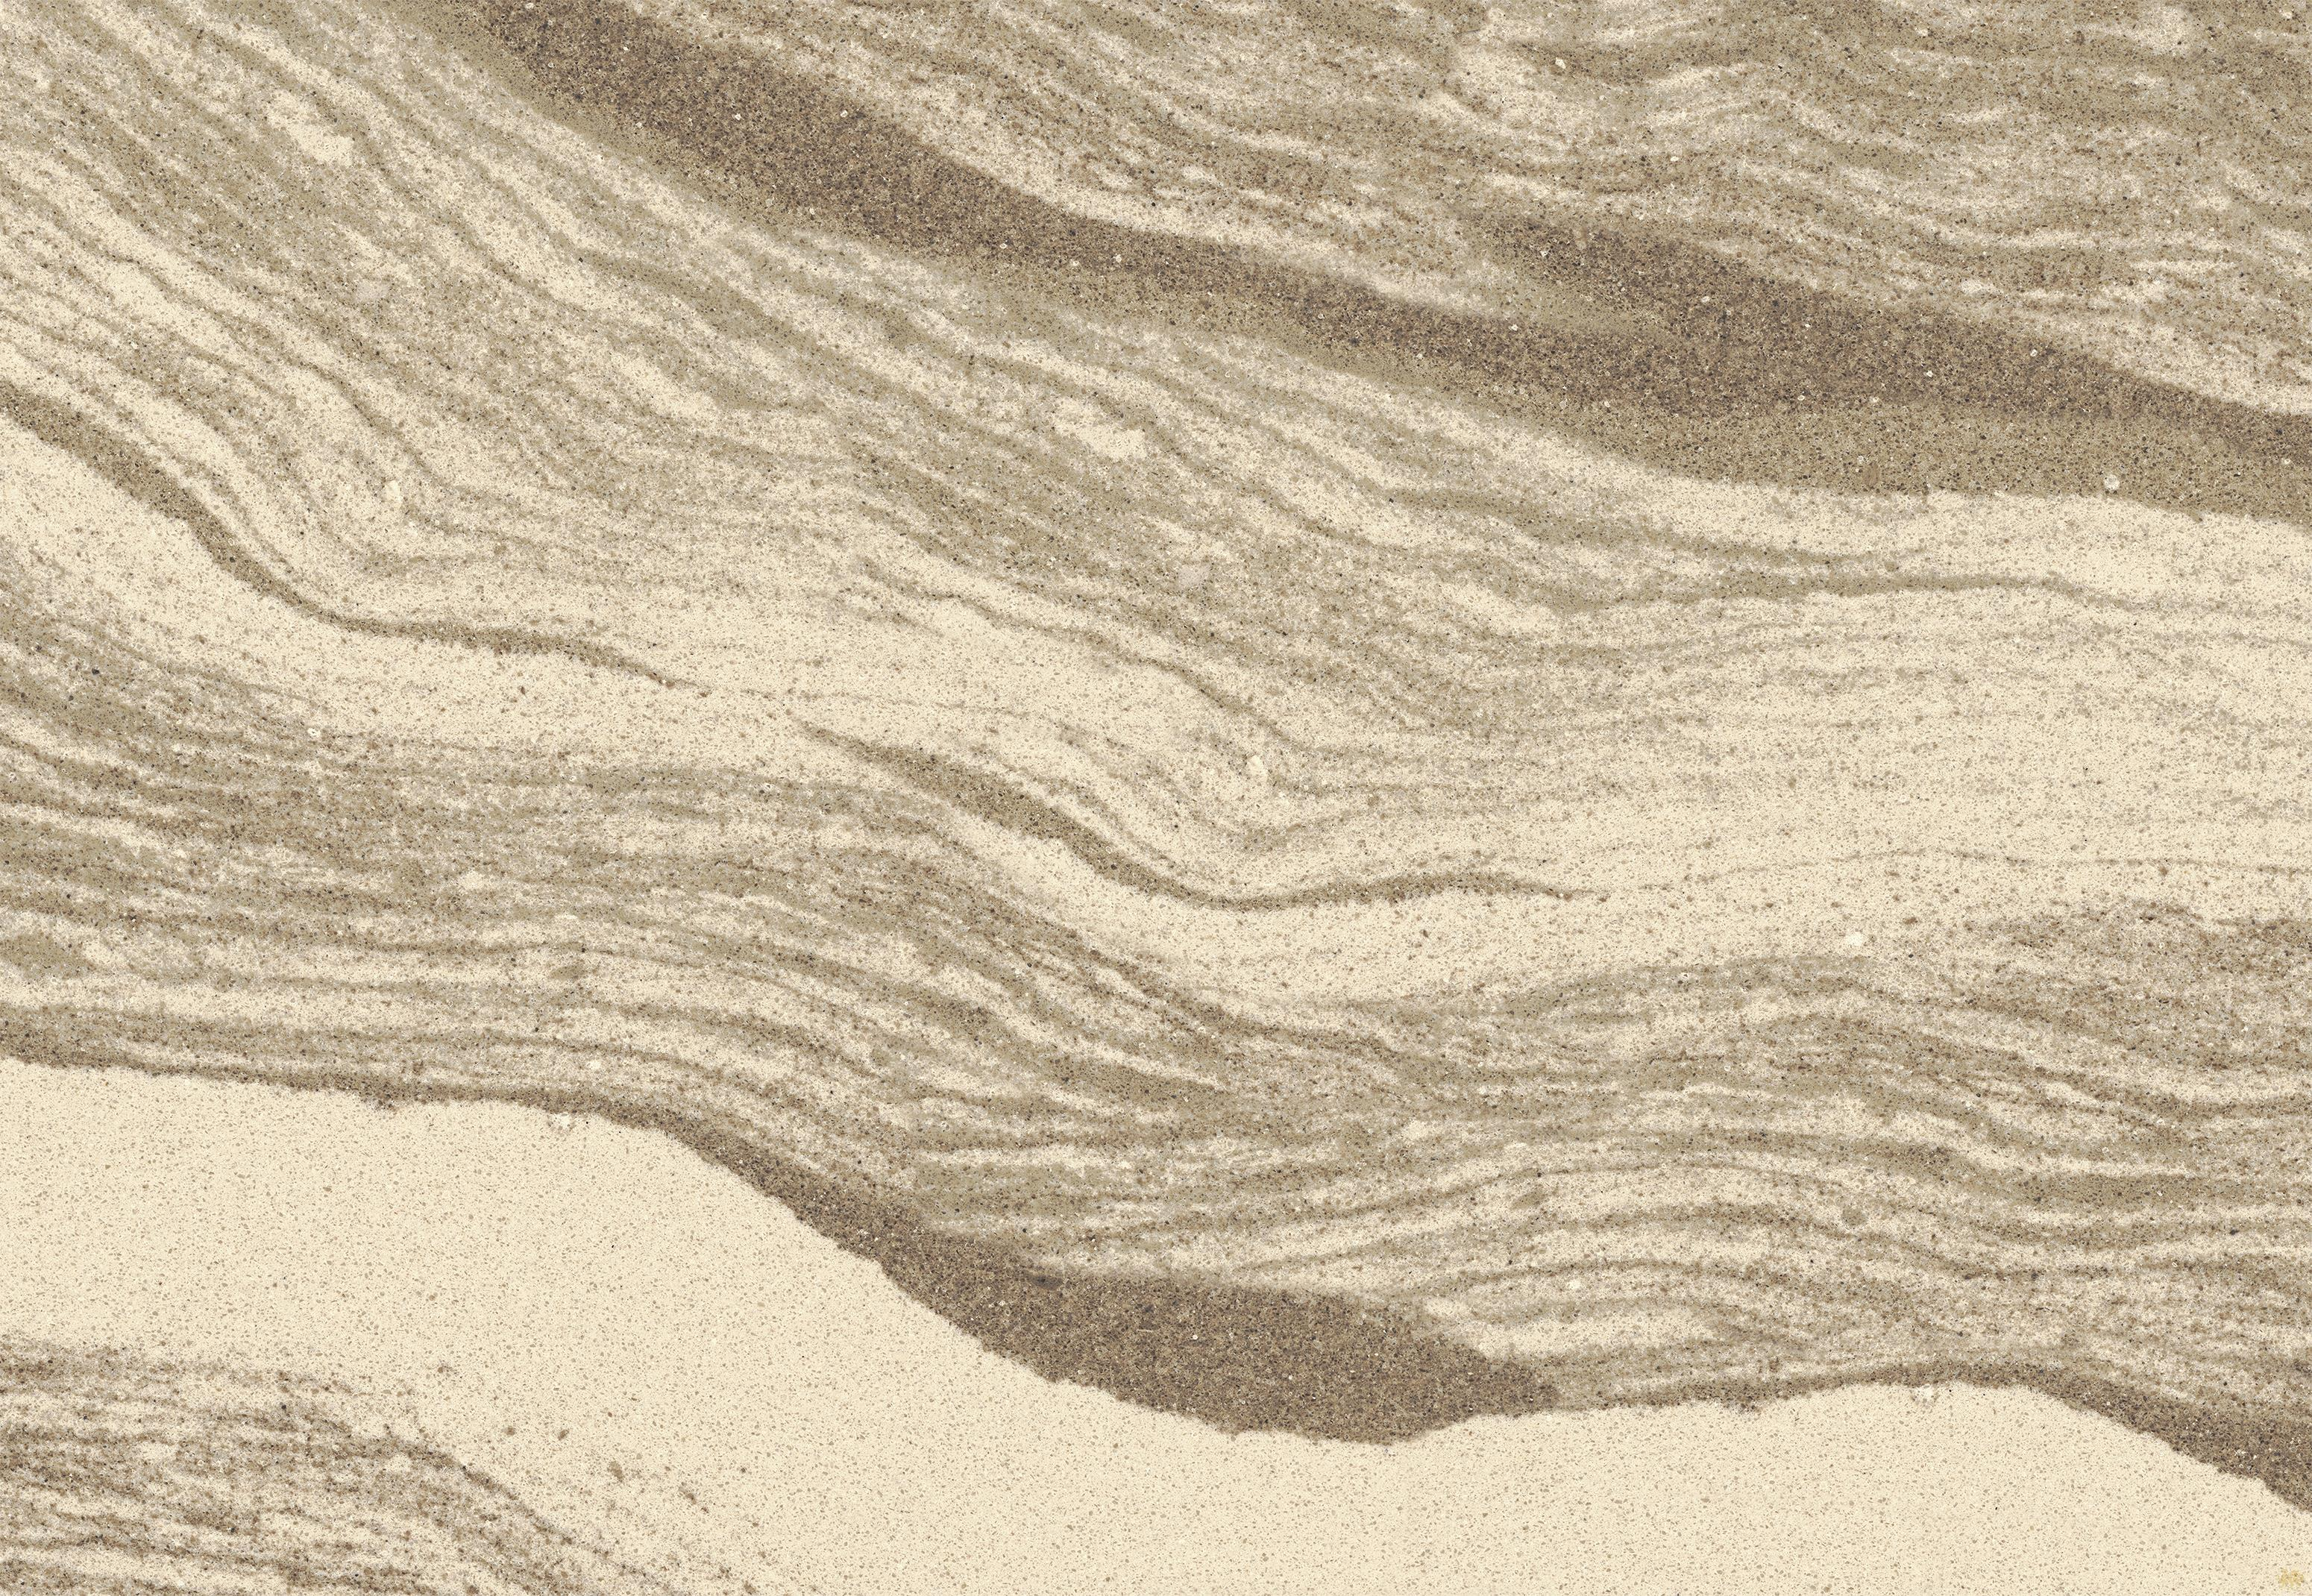 by seagrove with quartz countertops countertop popular cambria orlando most granite decor trending and